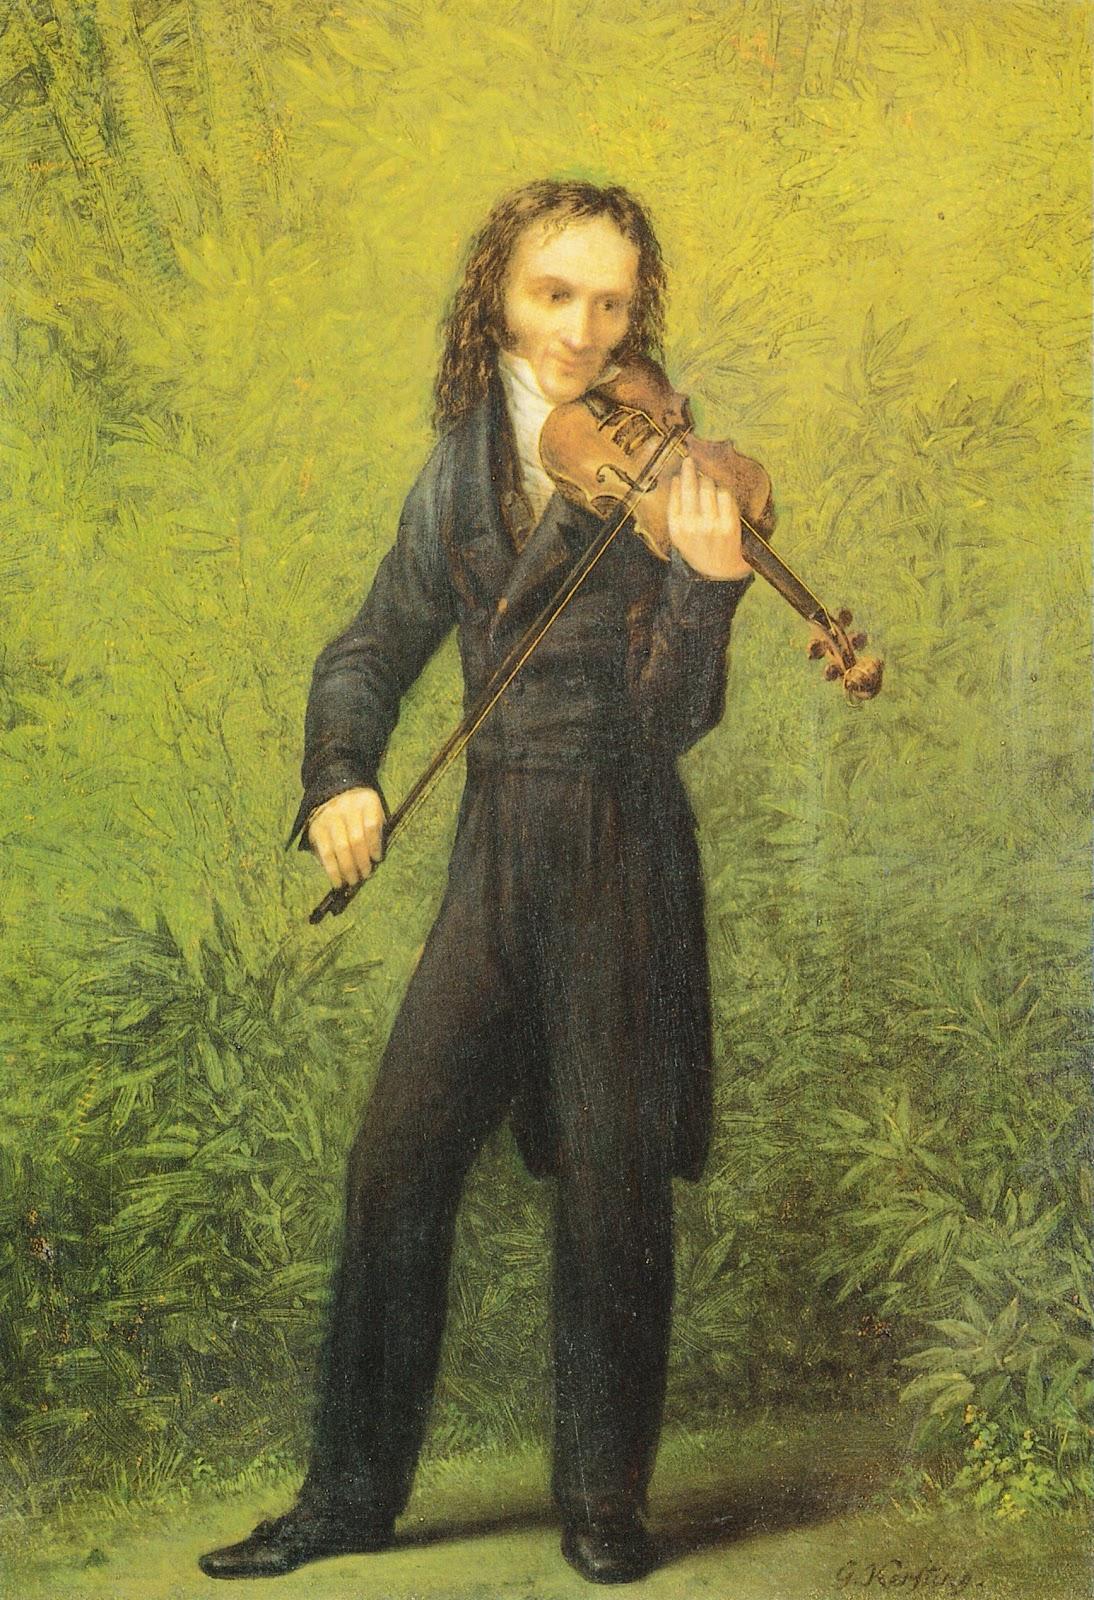 ゲオルク・フリードリヒ・ケルスティングのヴァイオリニストのニコロ・パガニーニの肖像